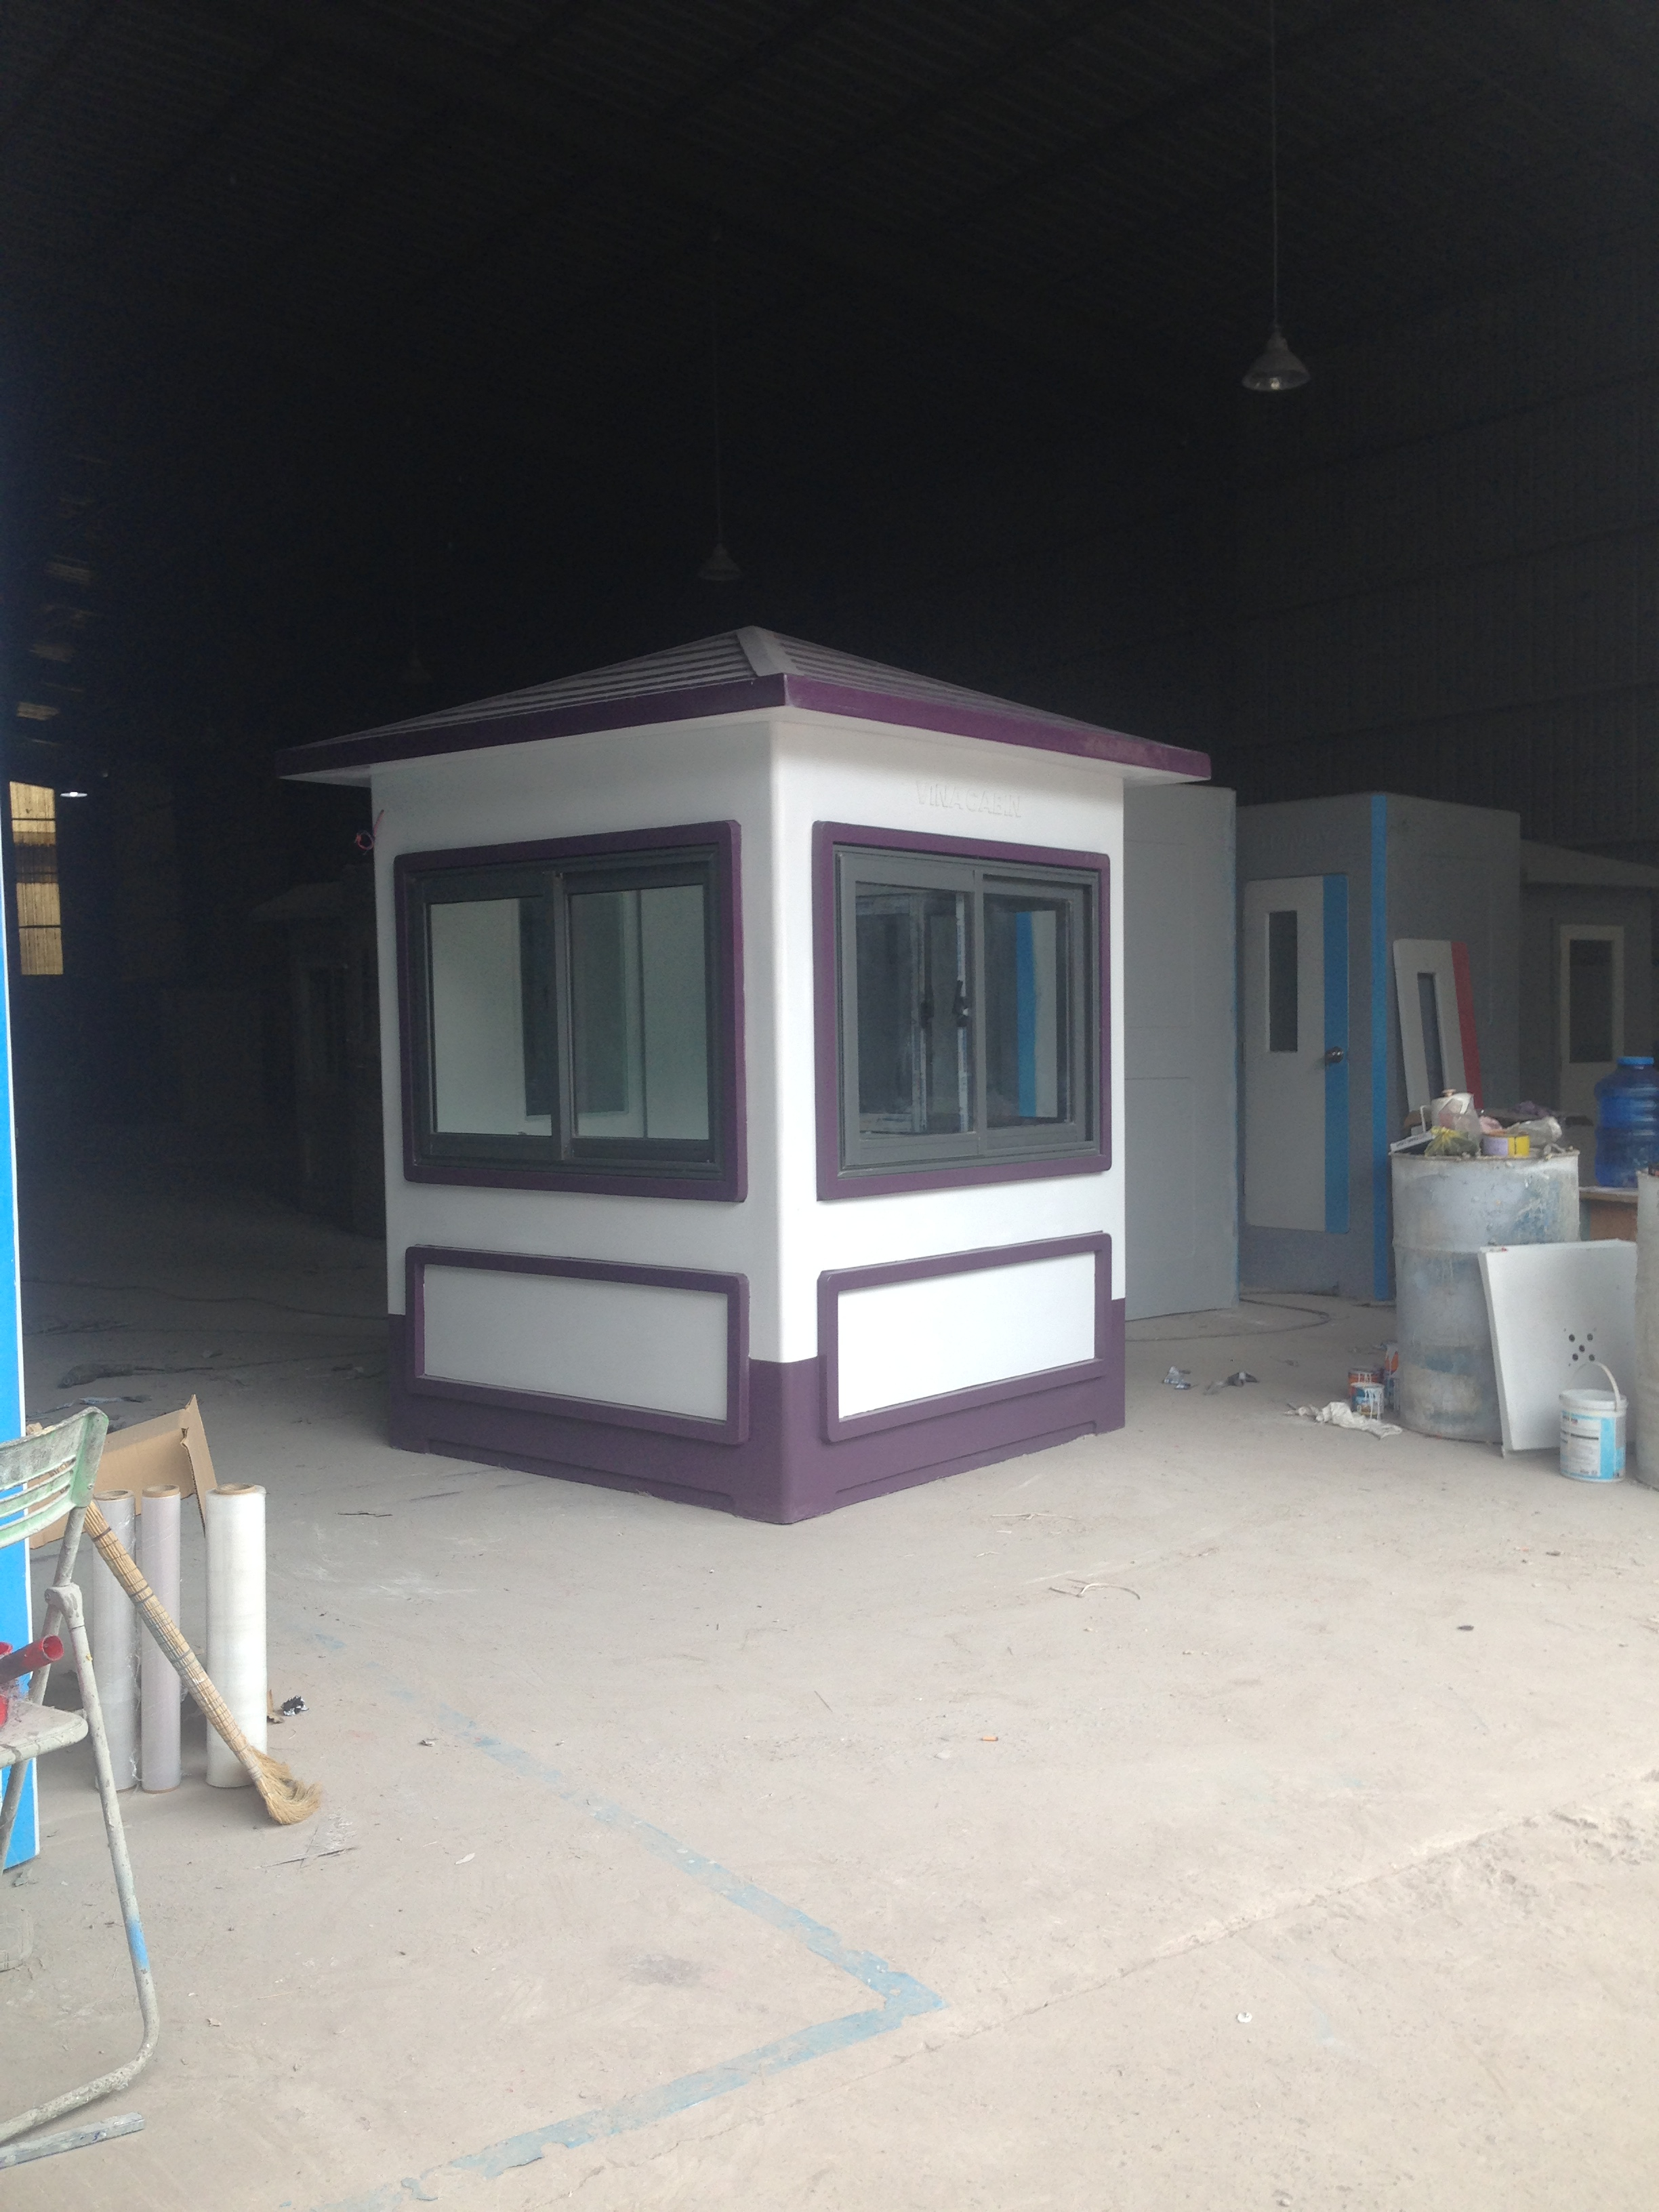 Sản phẩm cabin bảo vệ được giao cho các khu resort